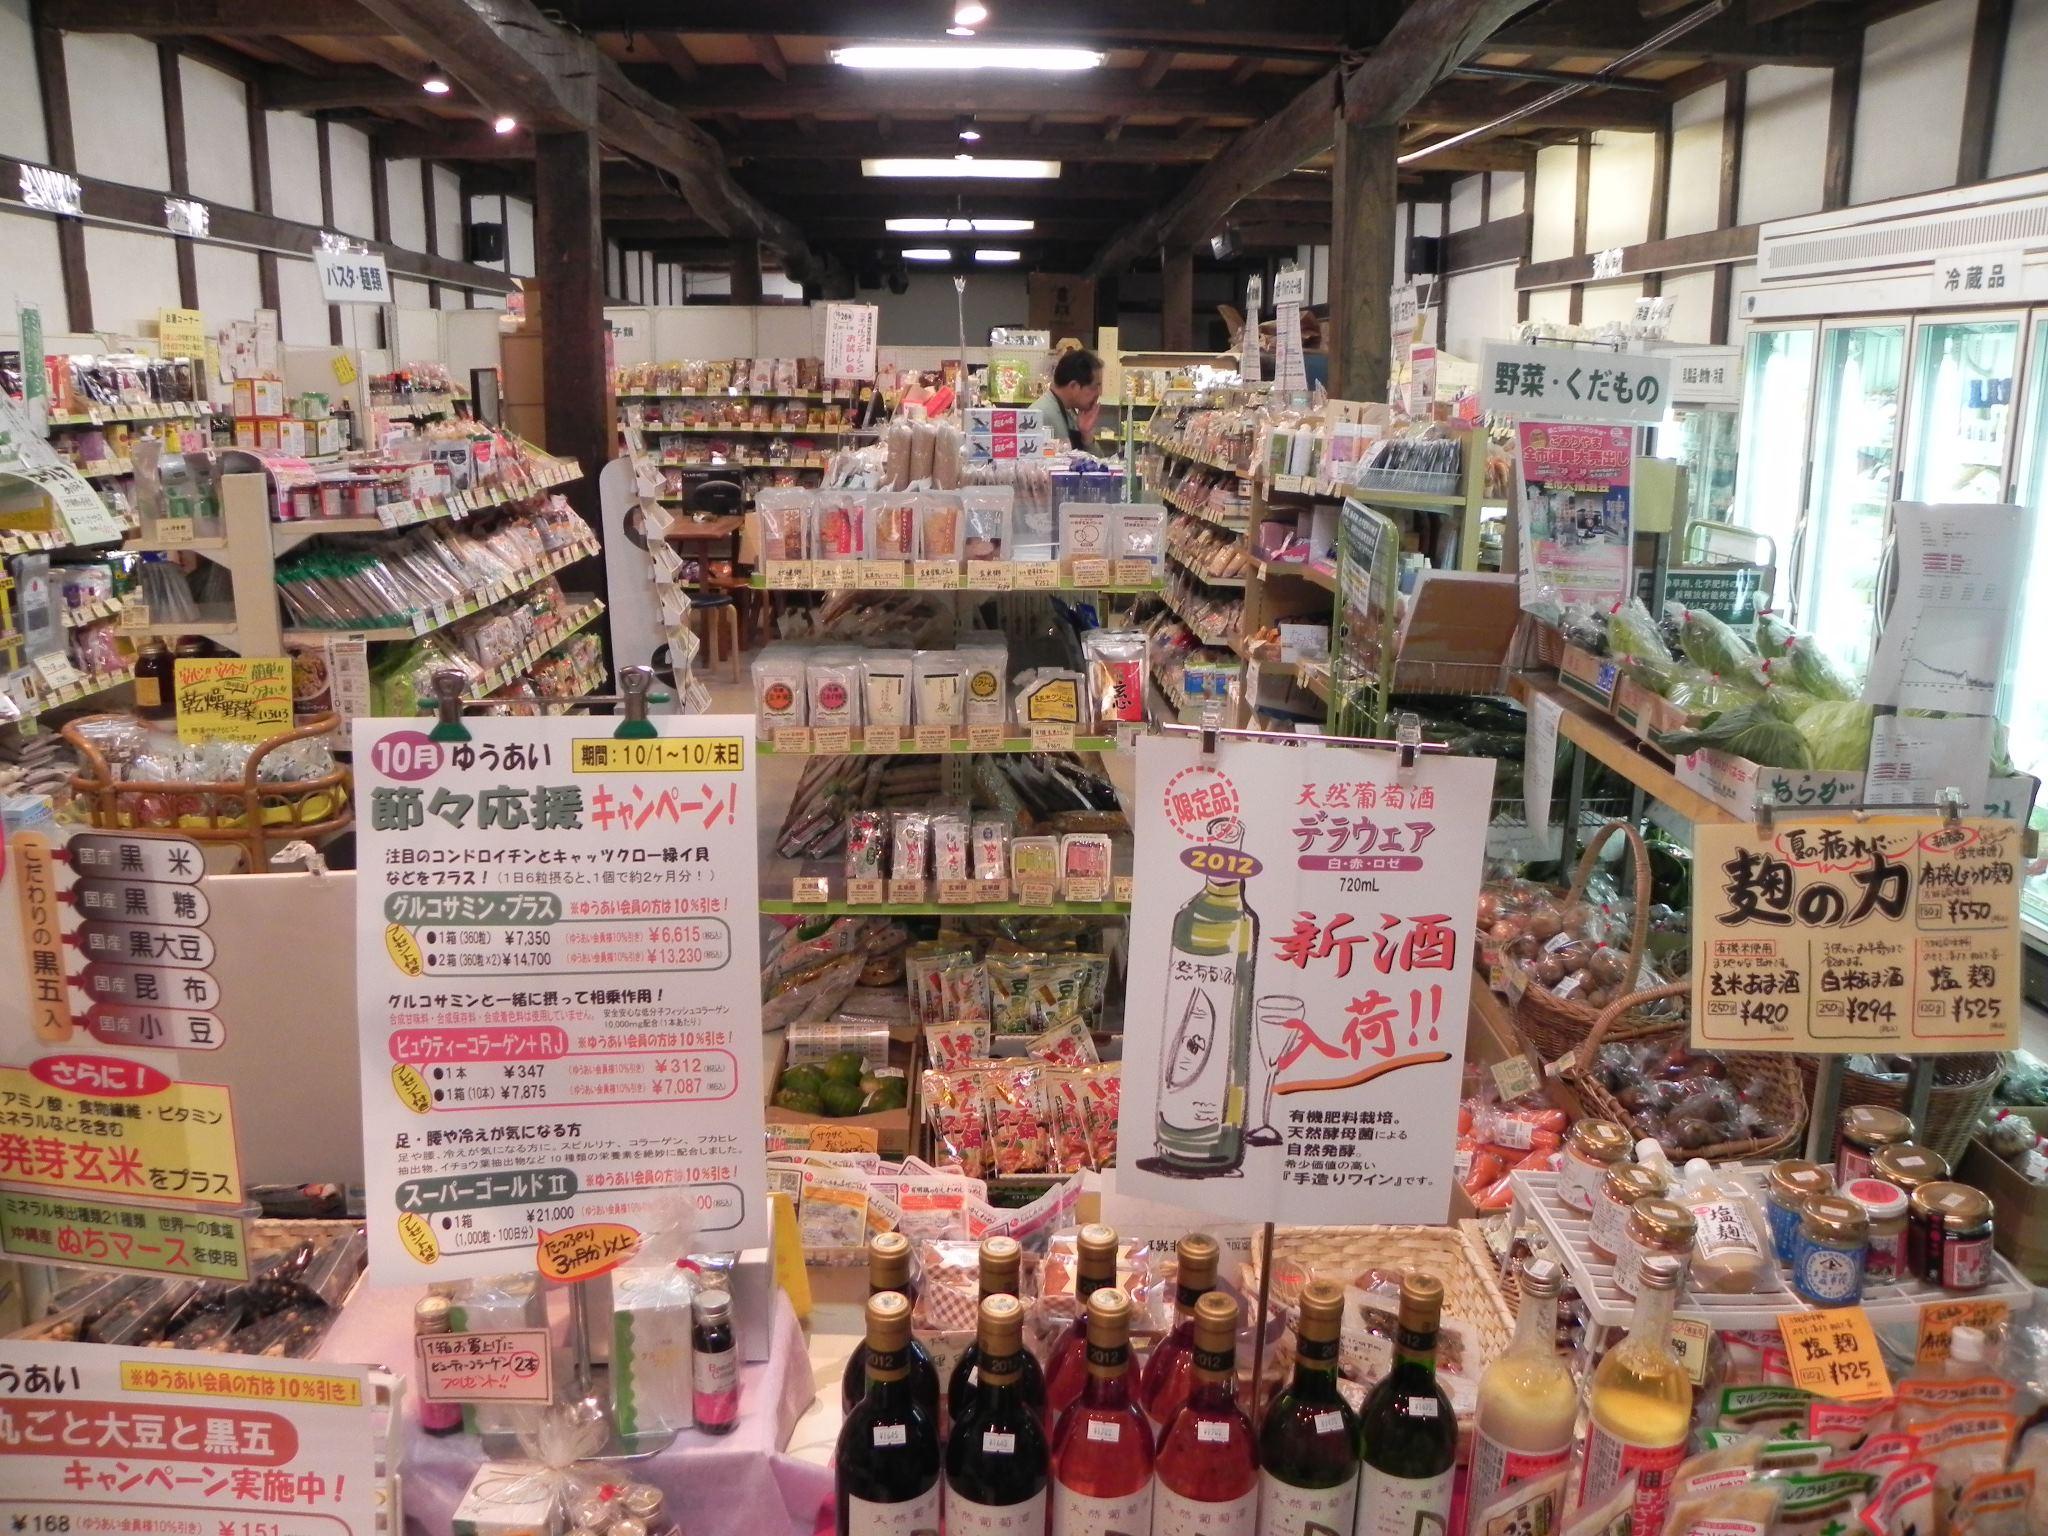 自然食品とみや 店内の様子